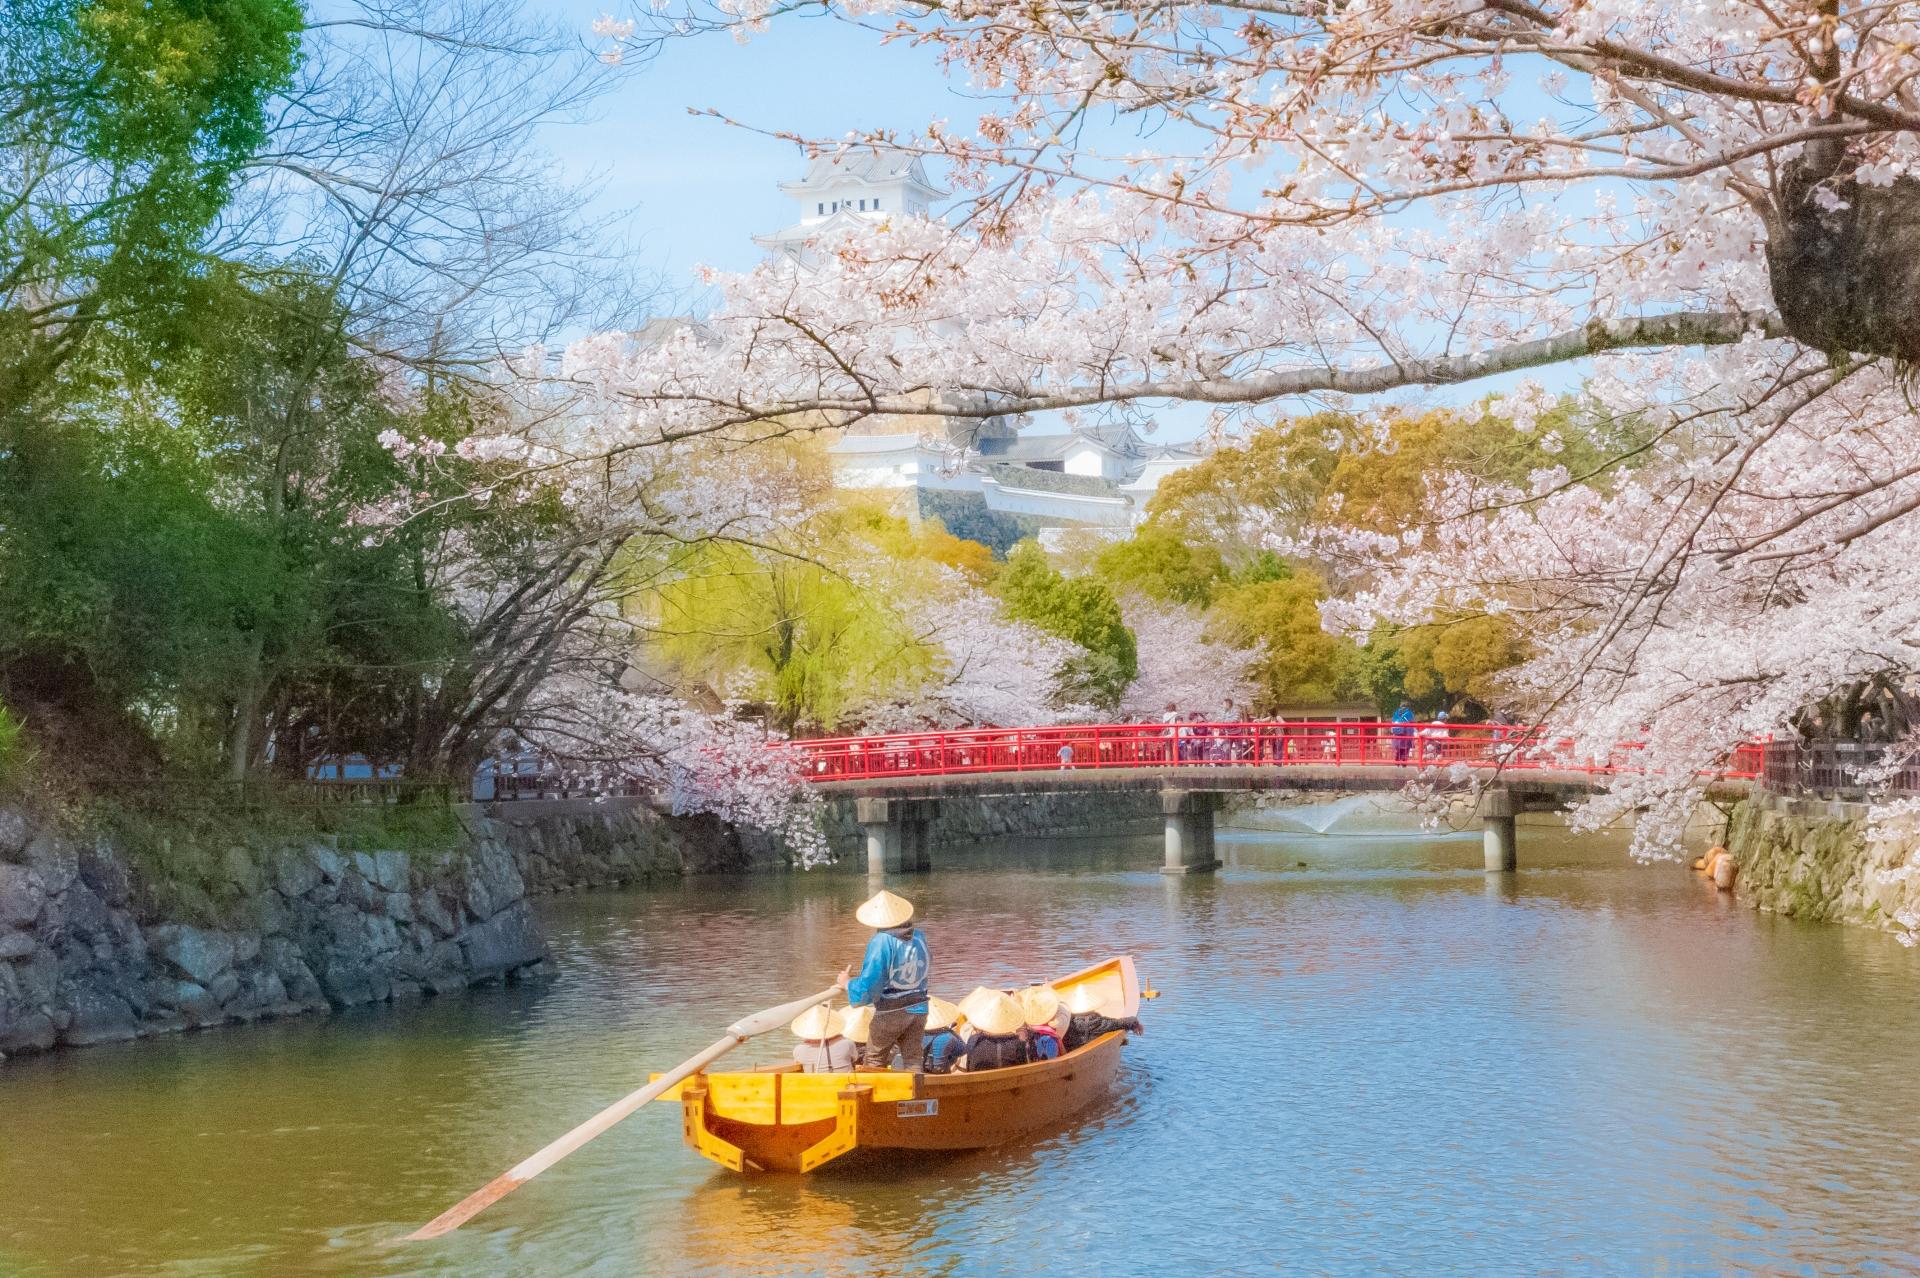 2422808_m 兵庫県  姫路城(桜と城の景色が美しい春におすすめのスポット! 写真の紹介、アクセス情報や駐車場情報など)